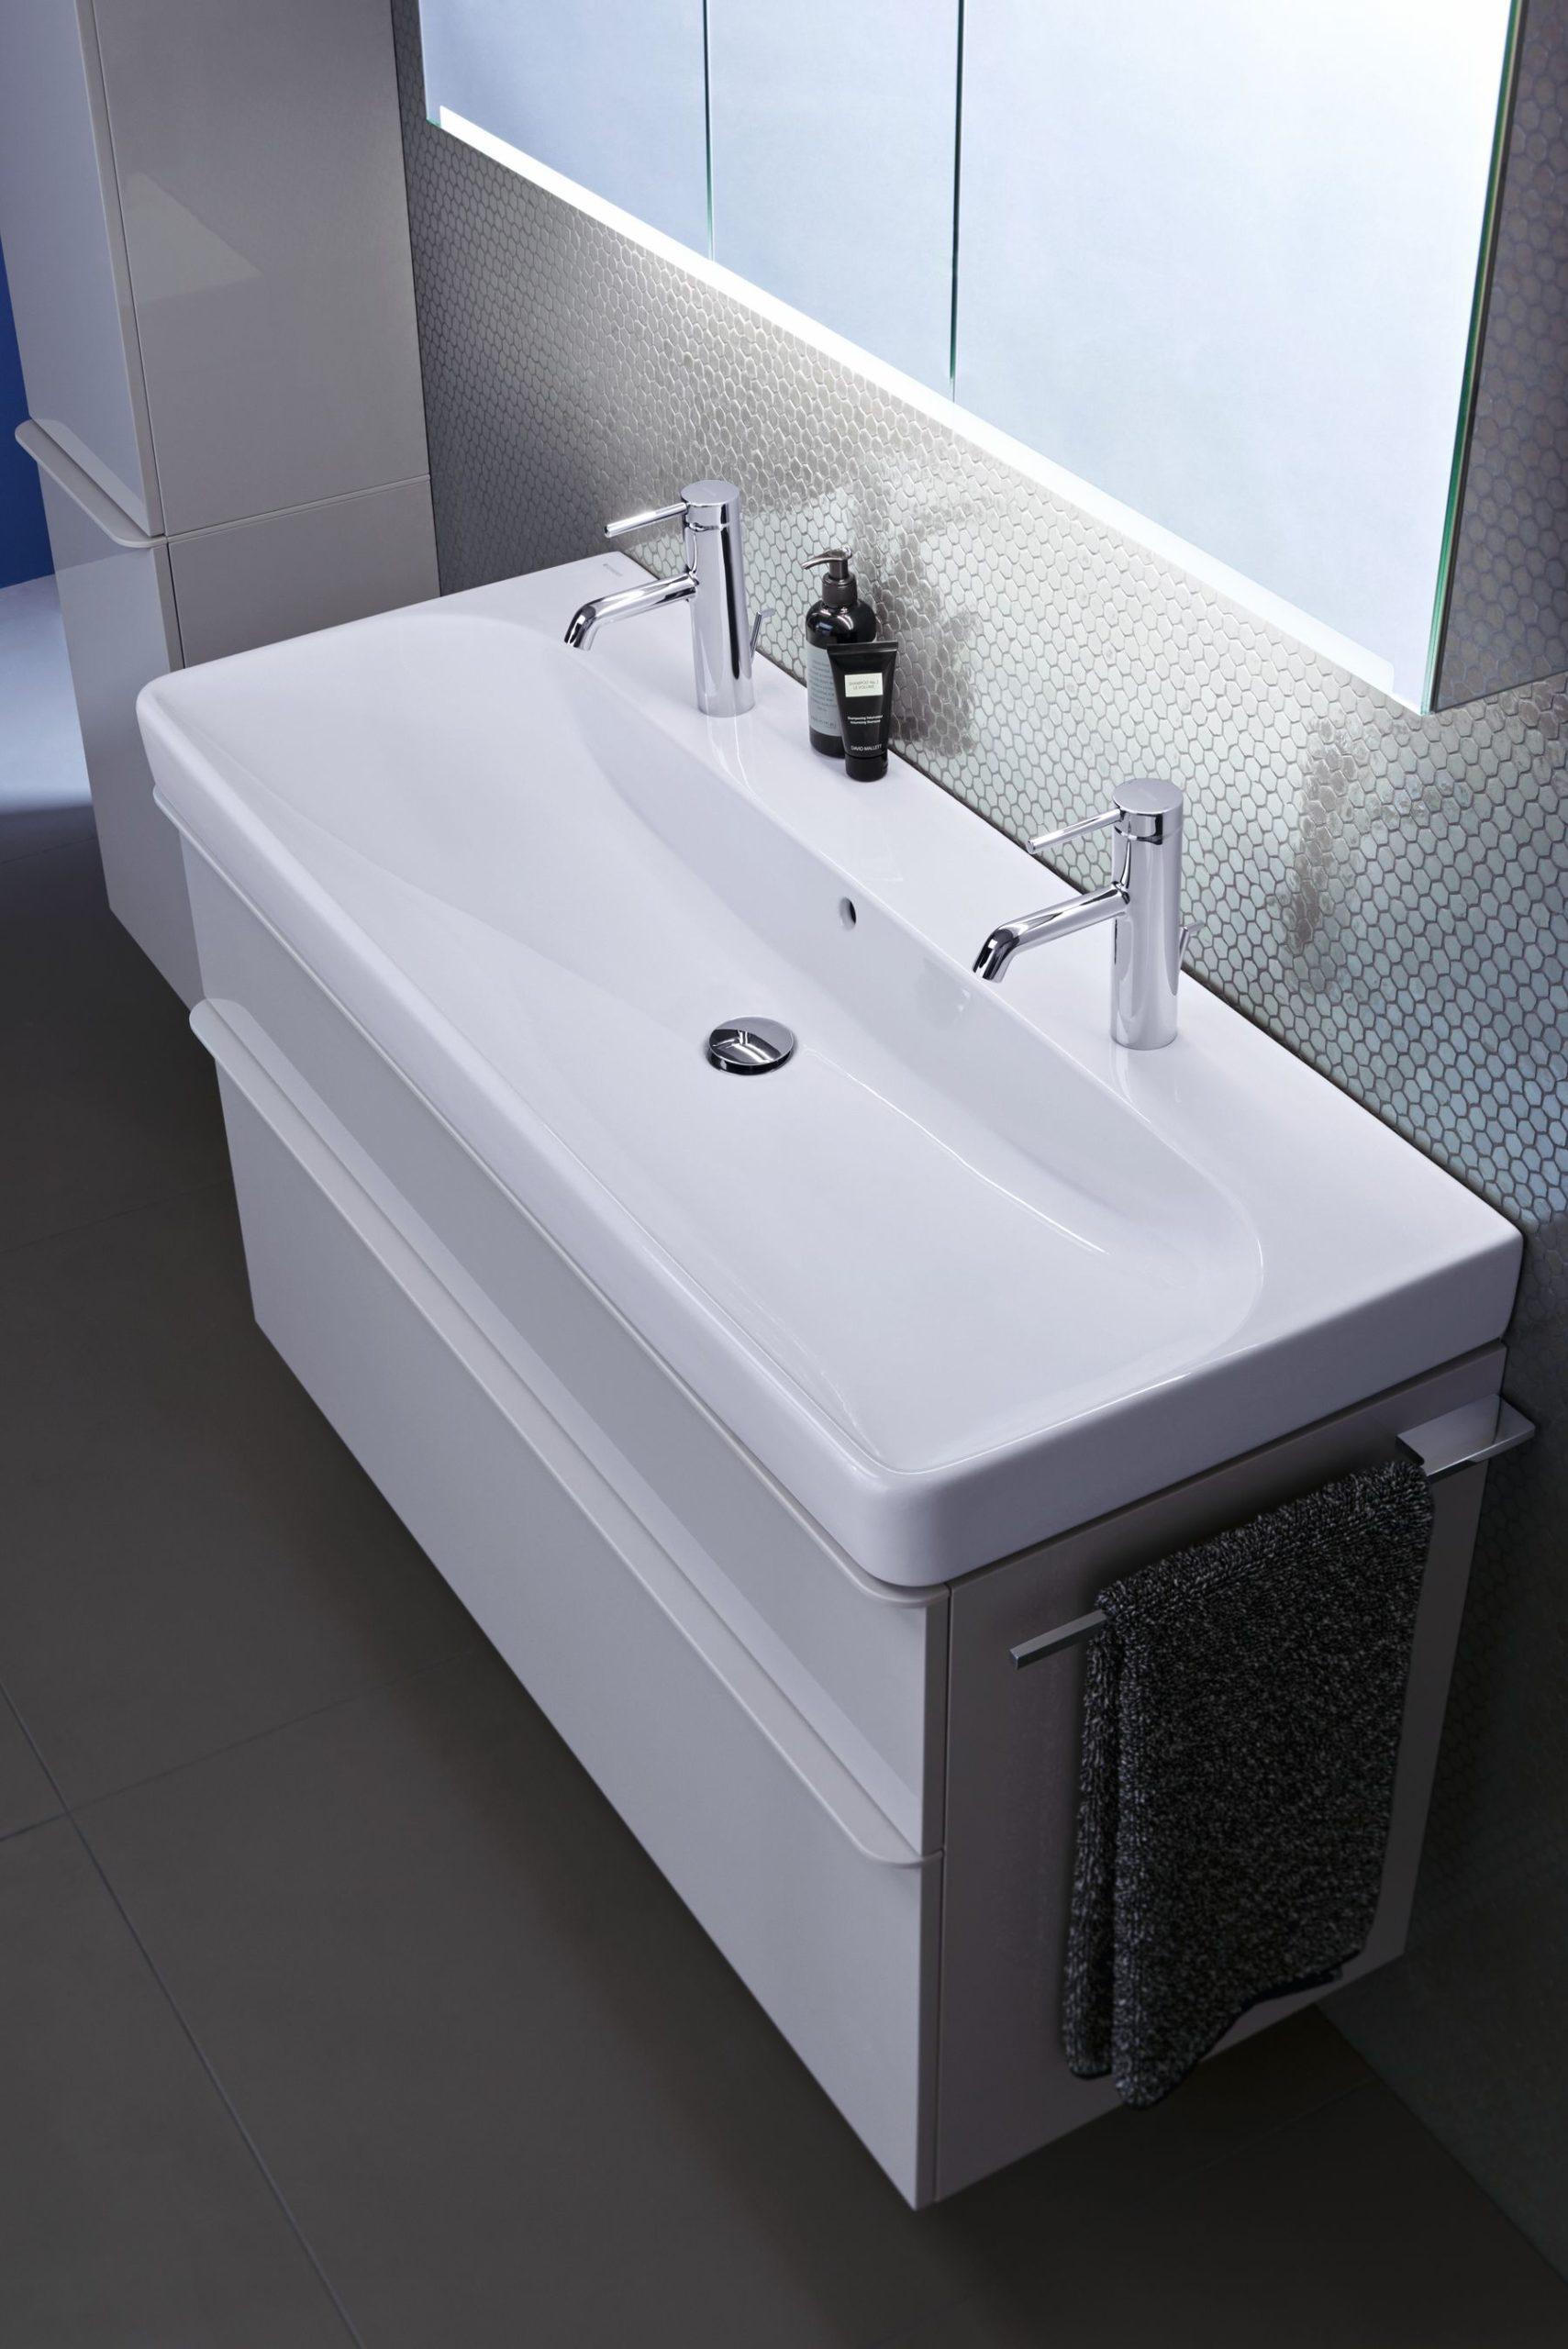 Obr.4_2019 Bathroom 07 G1 Geberit Smyle_Big Size